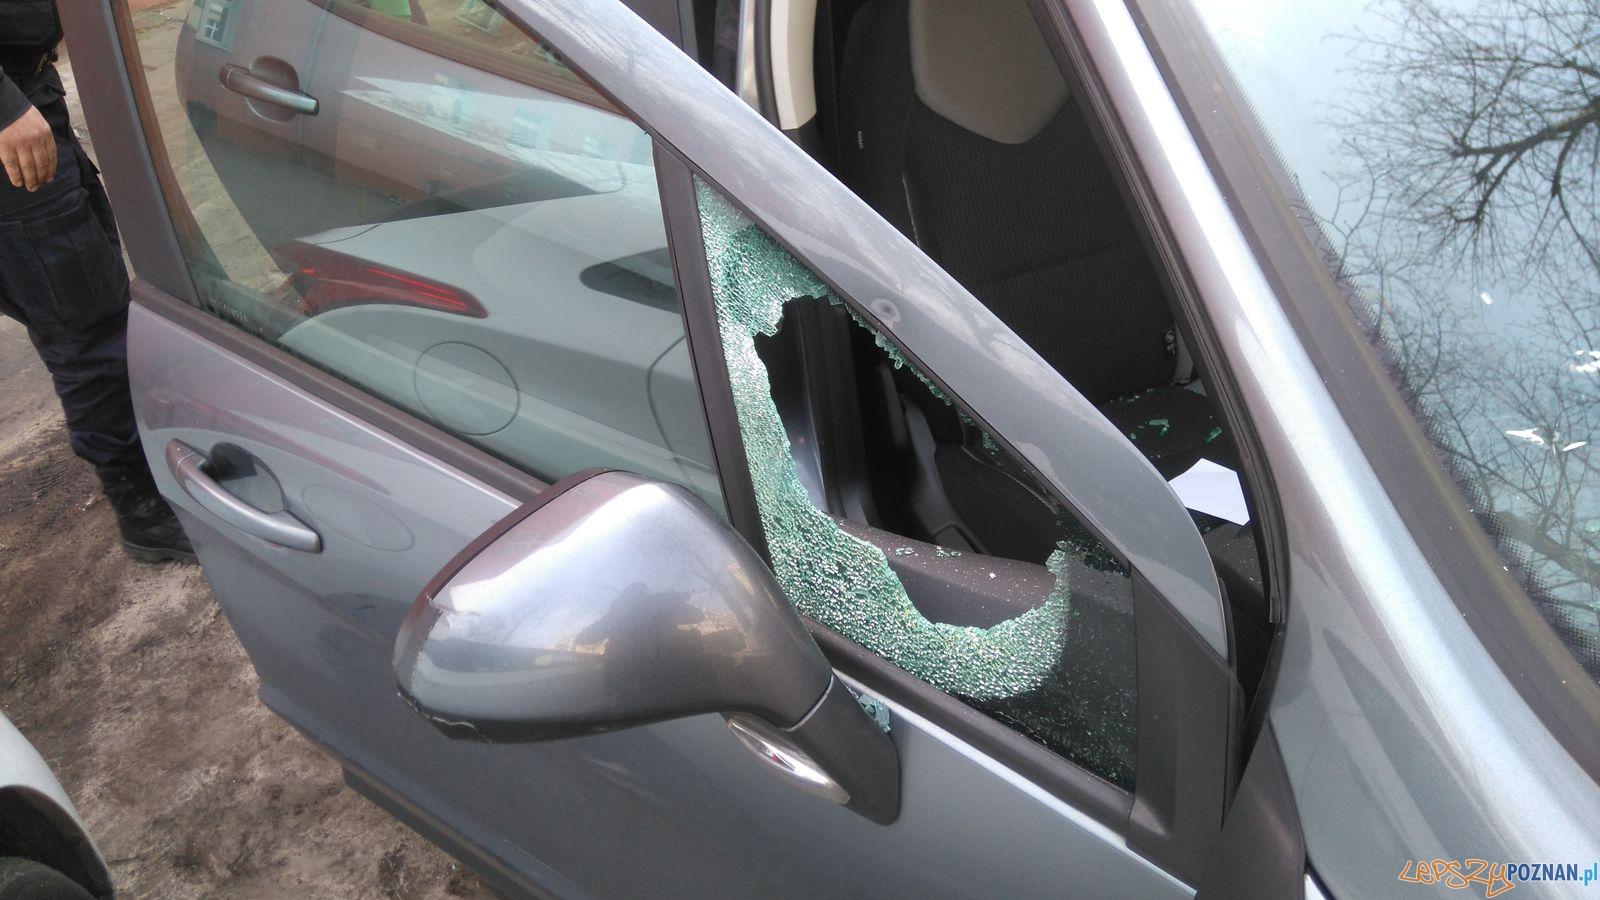 Interwencja strażników pomogła wydostać malucha z samochodu  Foto: Straż Miejska